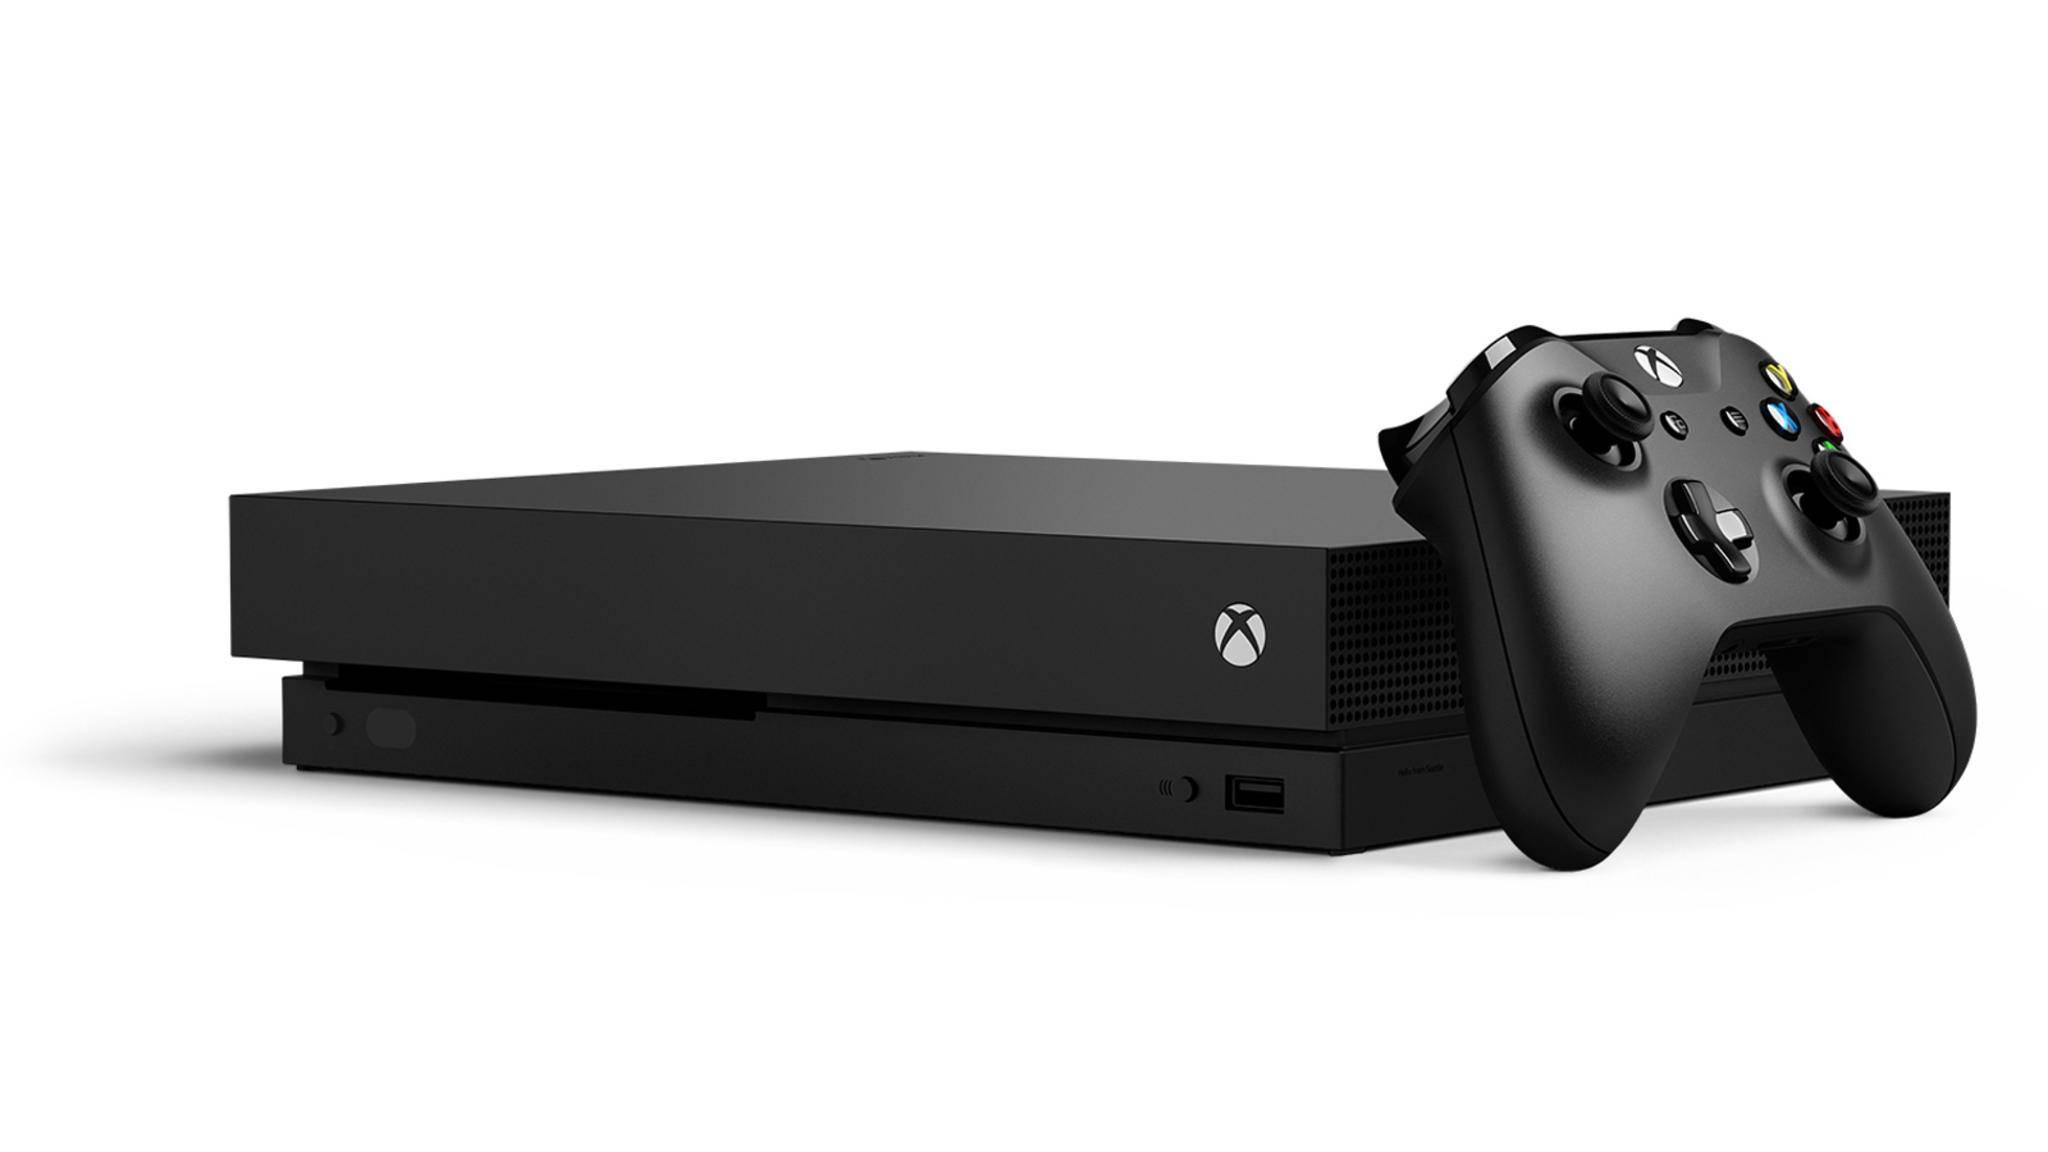 Die Xbox One X möbelt einige Games gehörig auf. Hier erfährst Du, welche Spiele das sind.